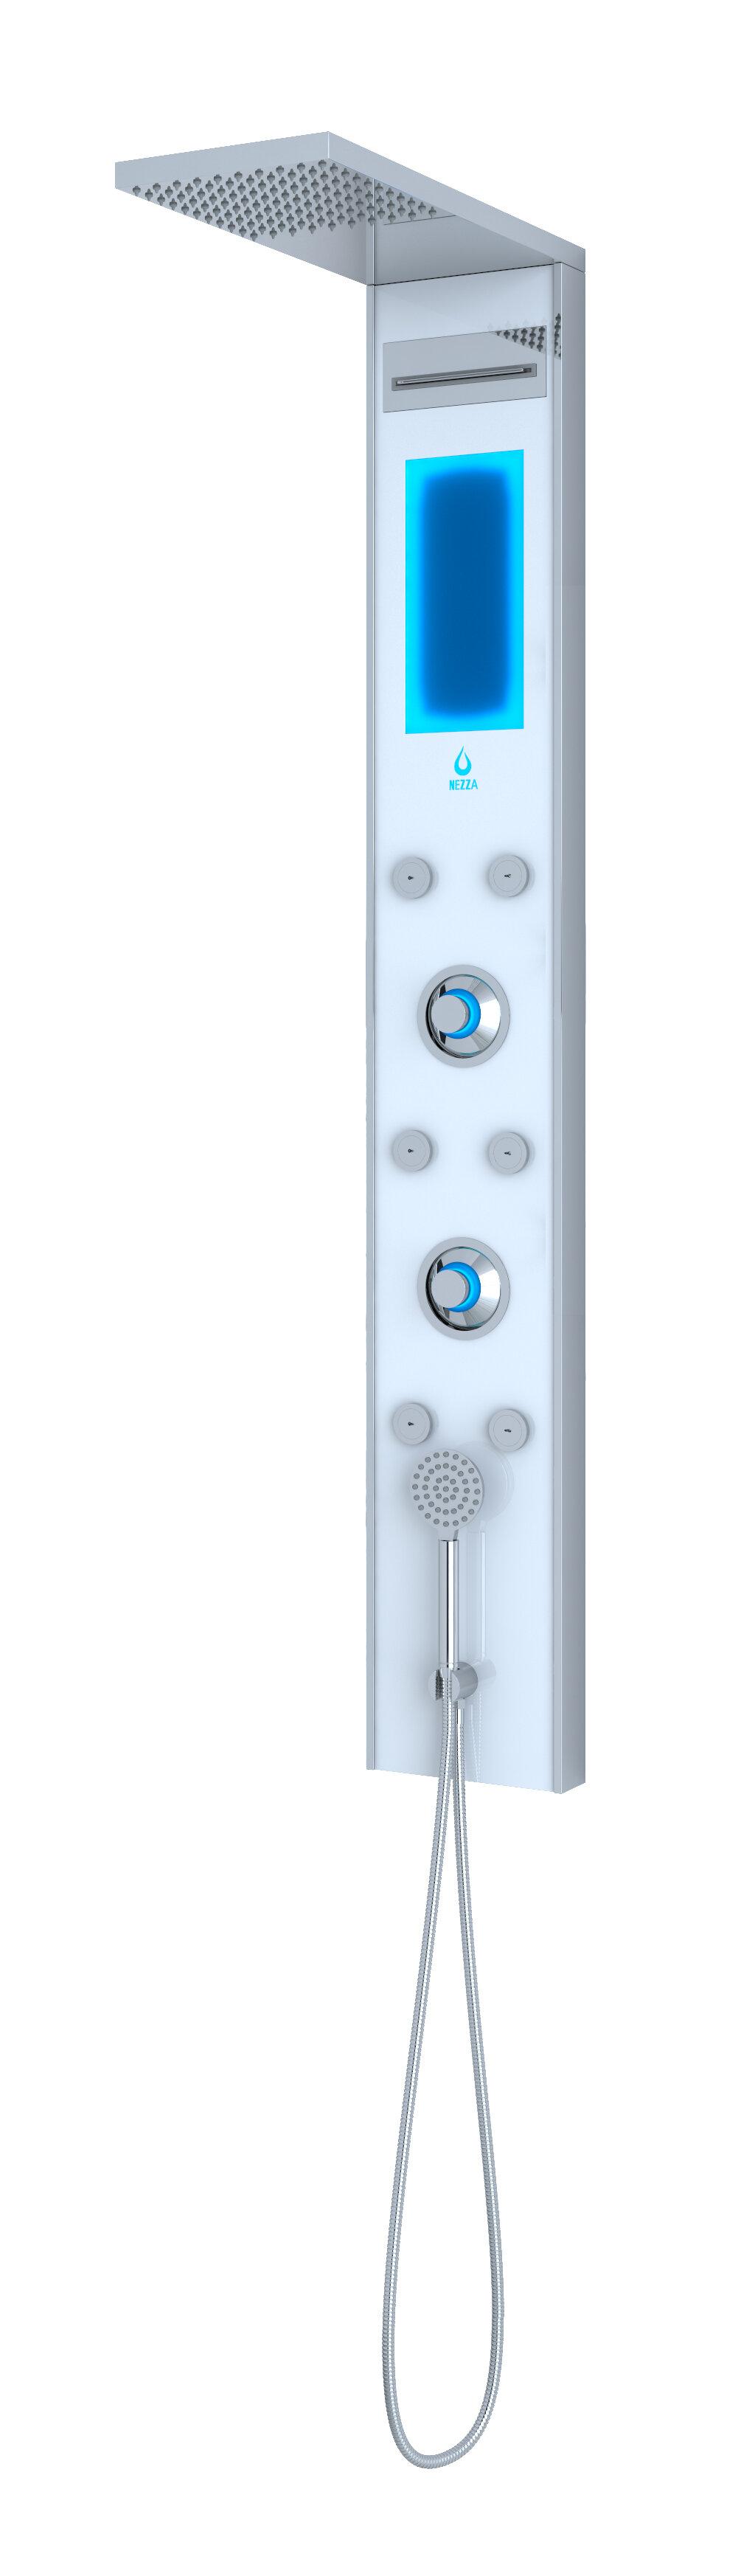 Nezza Pixie LED Shower Panel Diverter | Wayfair